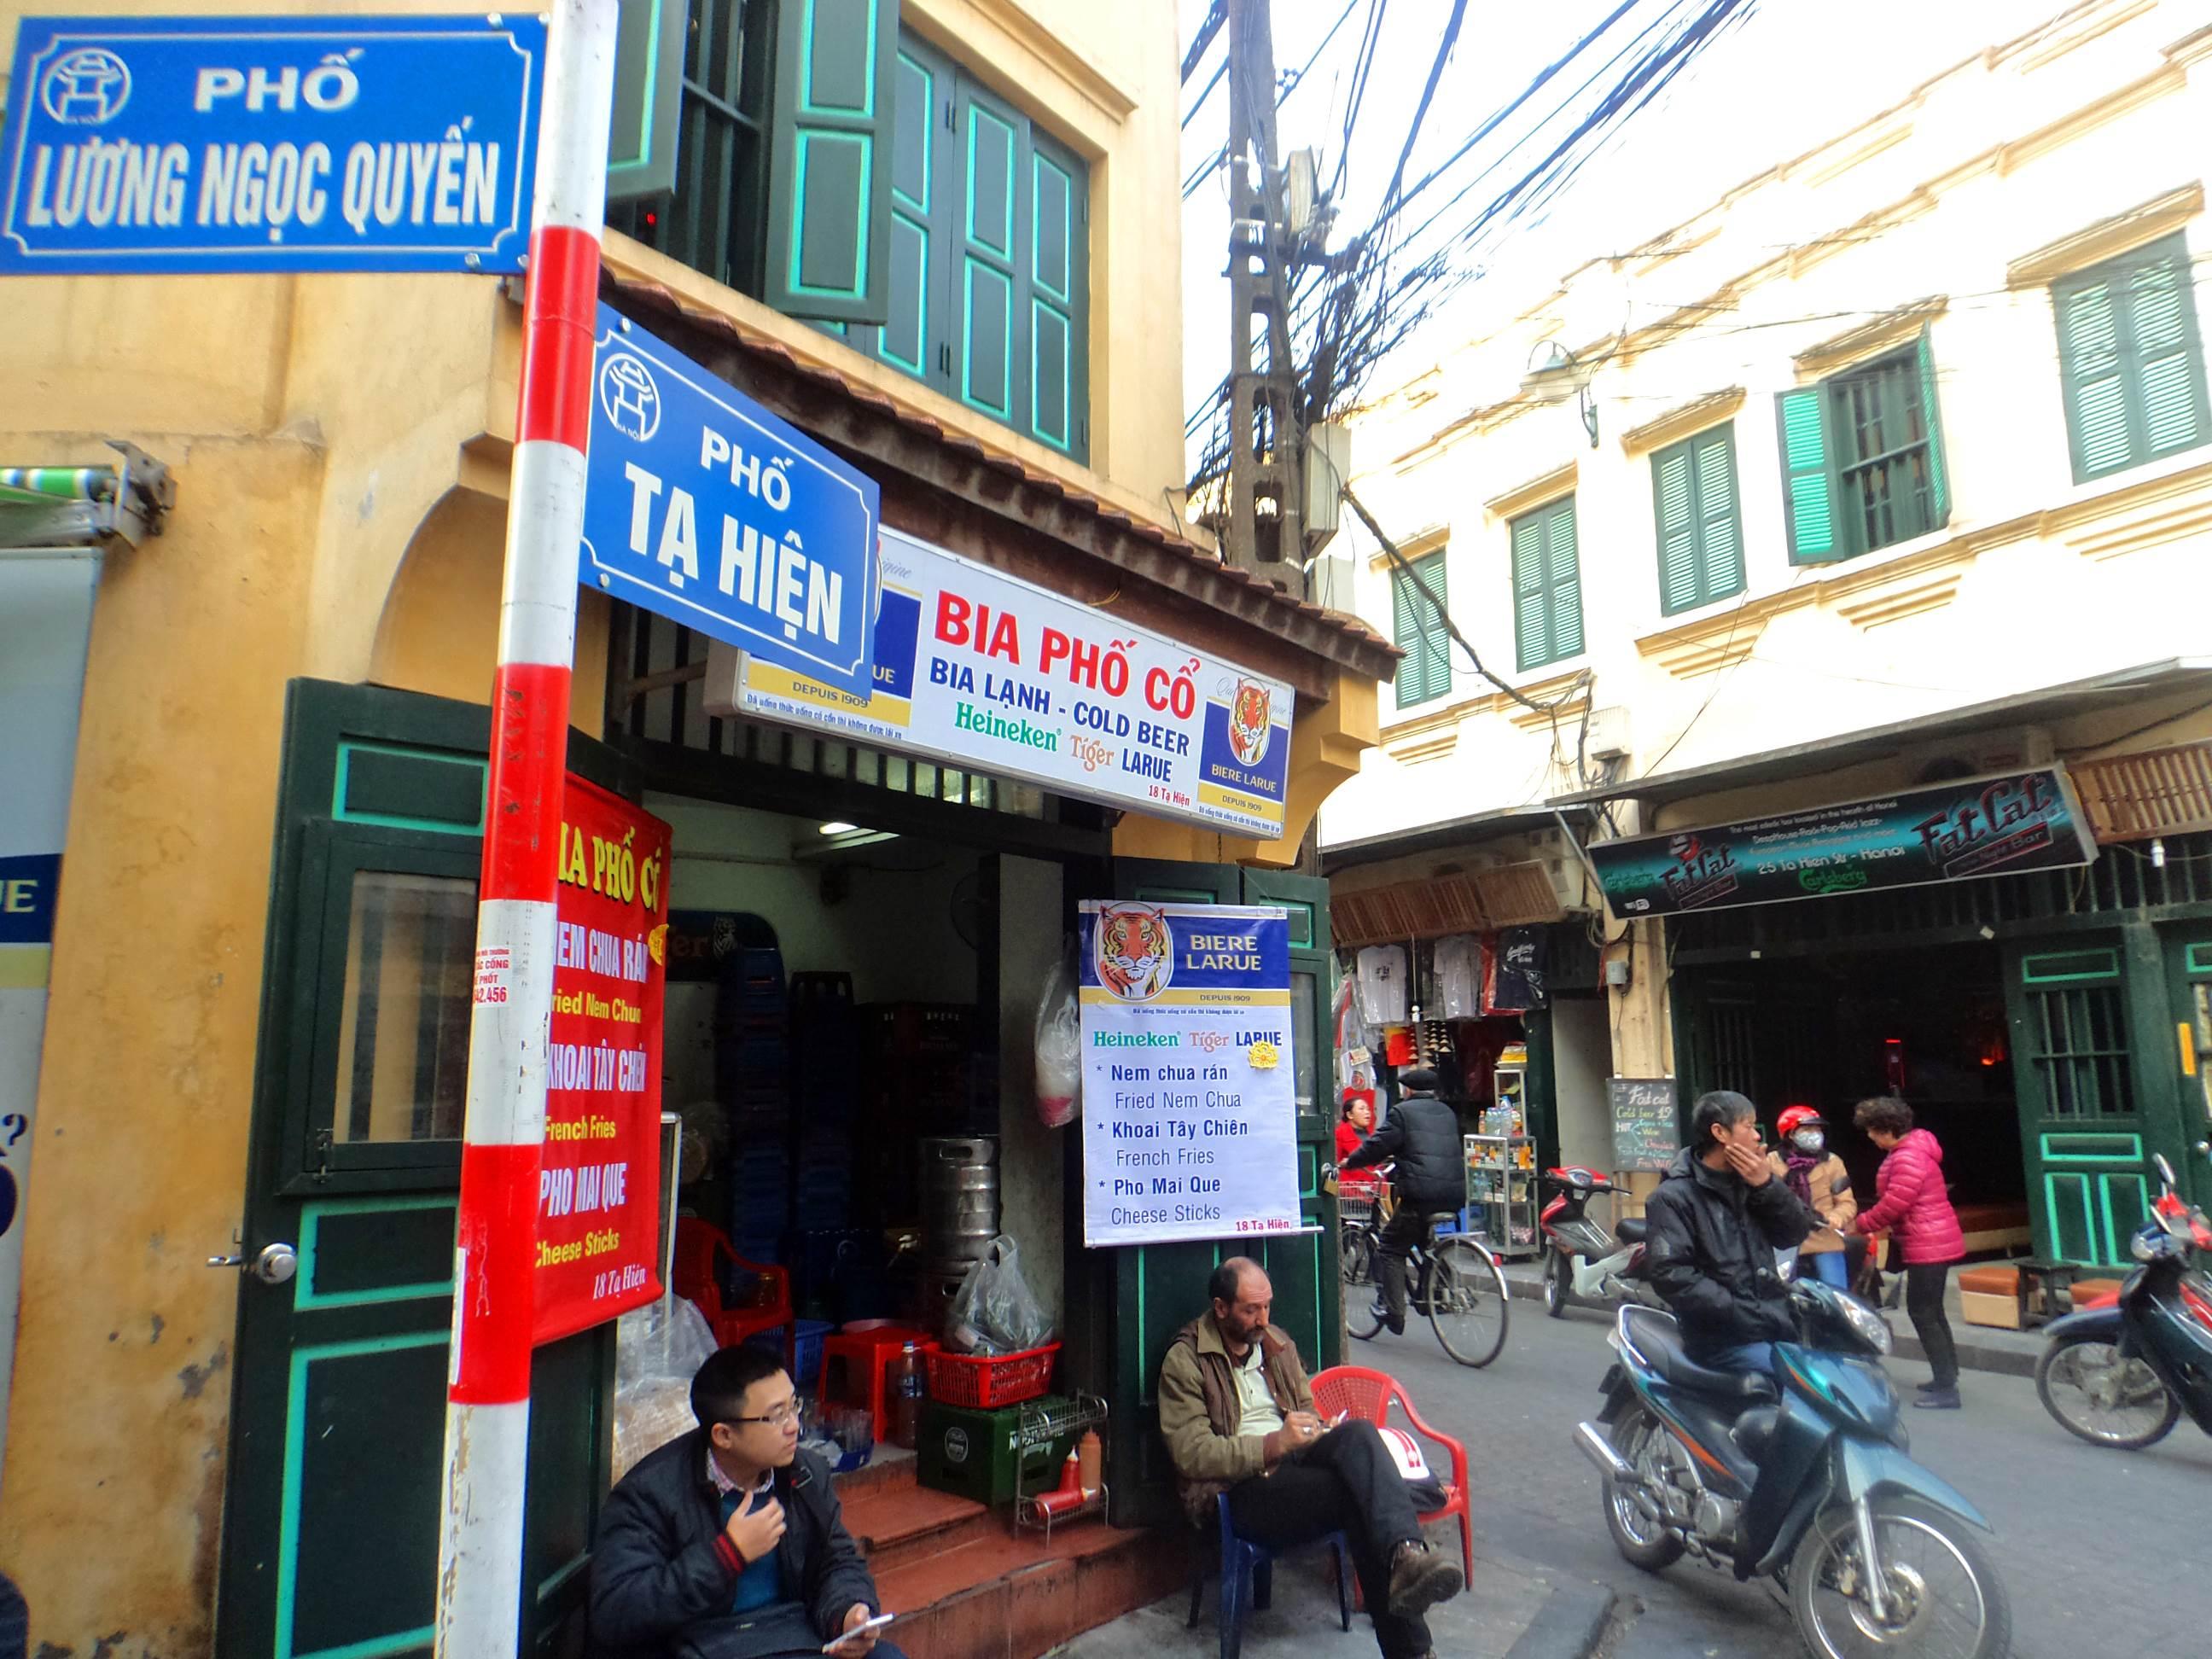 hanoi_vietna_biahoicorner